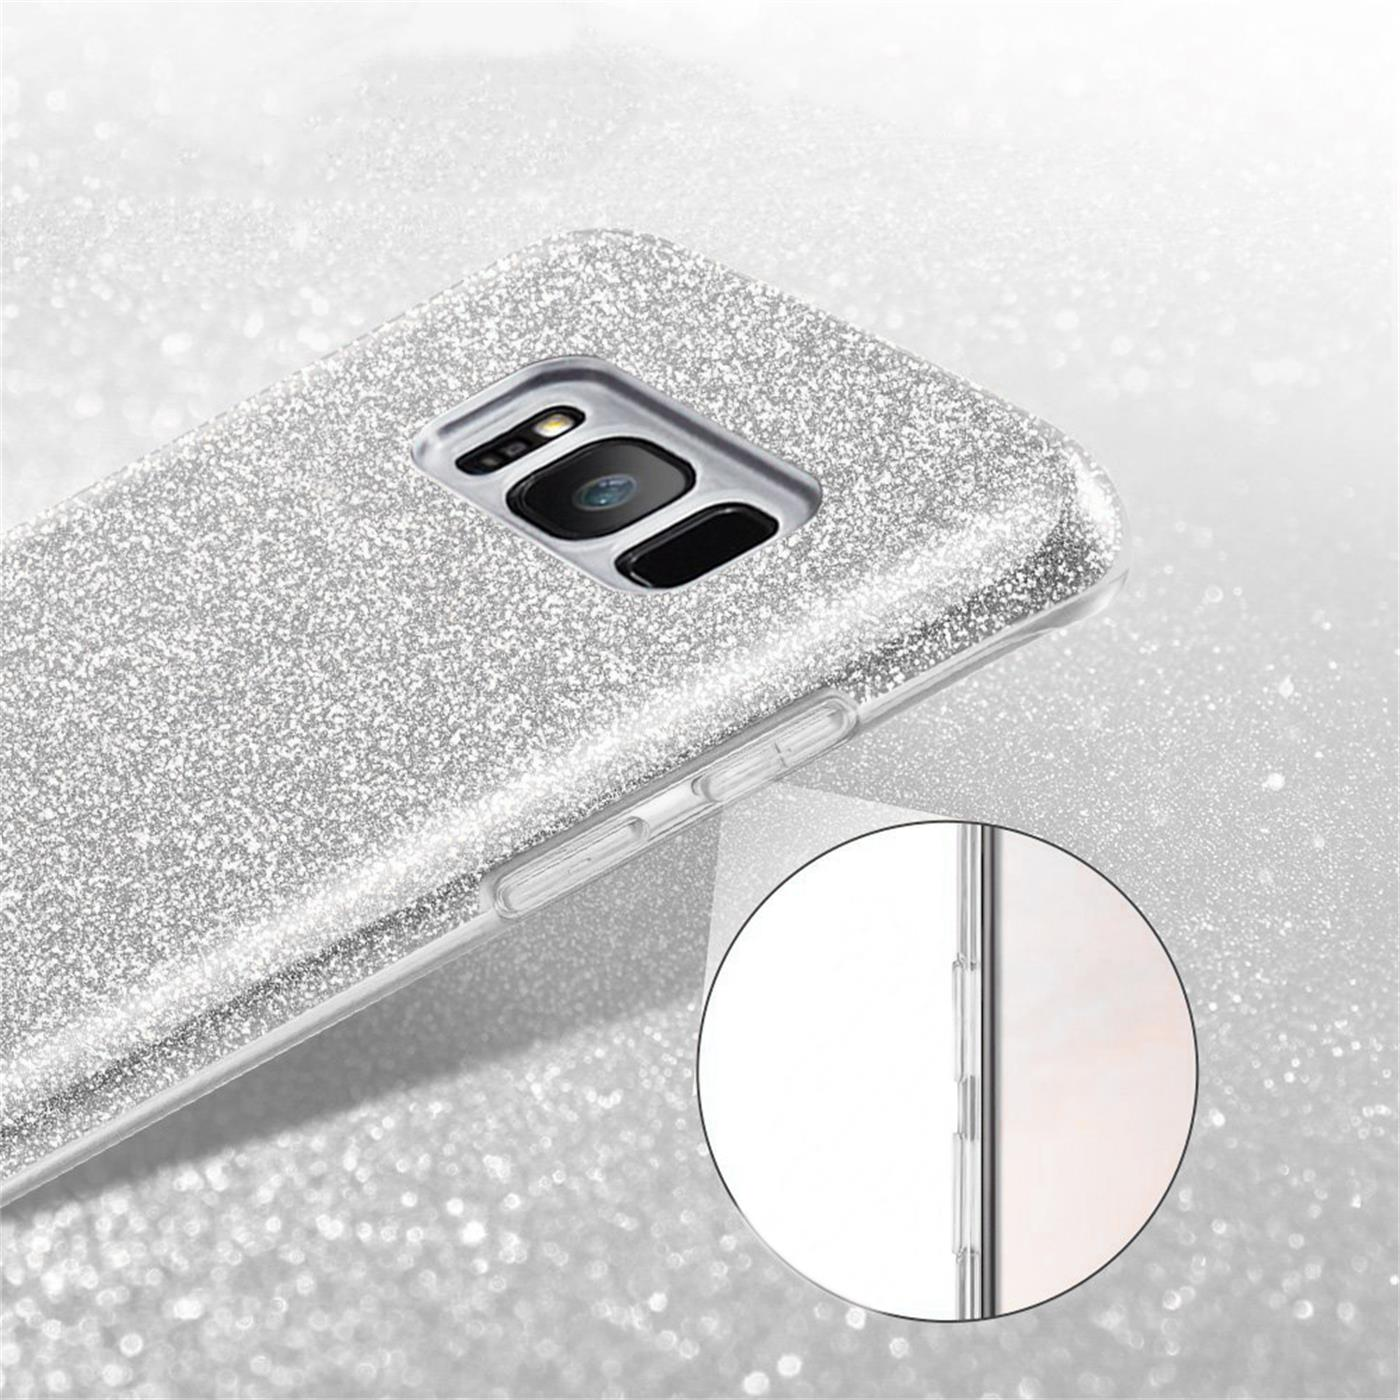 Handy-Glitzer-Huelle-fuer-Samsung-Galaxy-Slim-TPU-Cover-Case-Silikon-Schutz-Tasche Indexbild 23